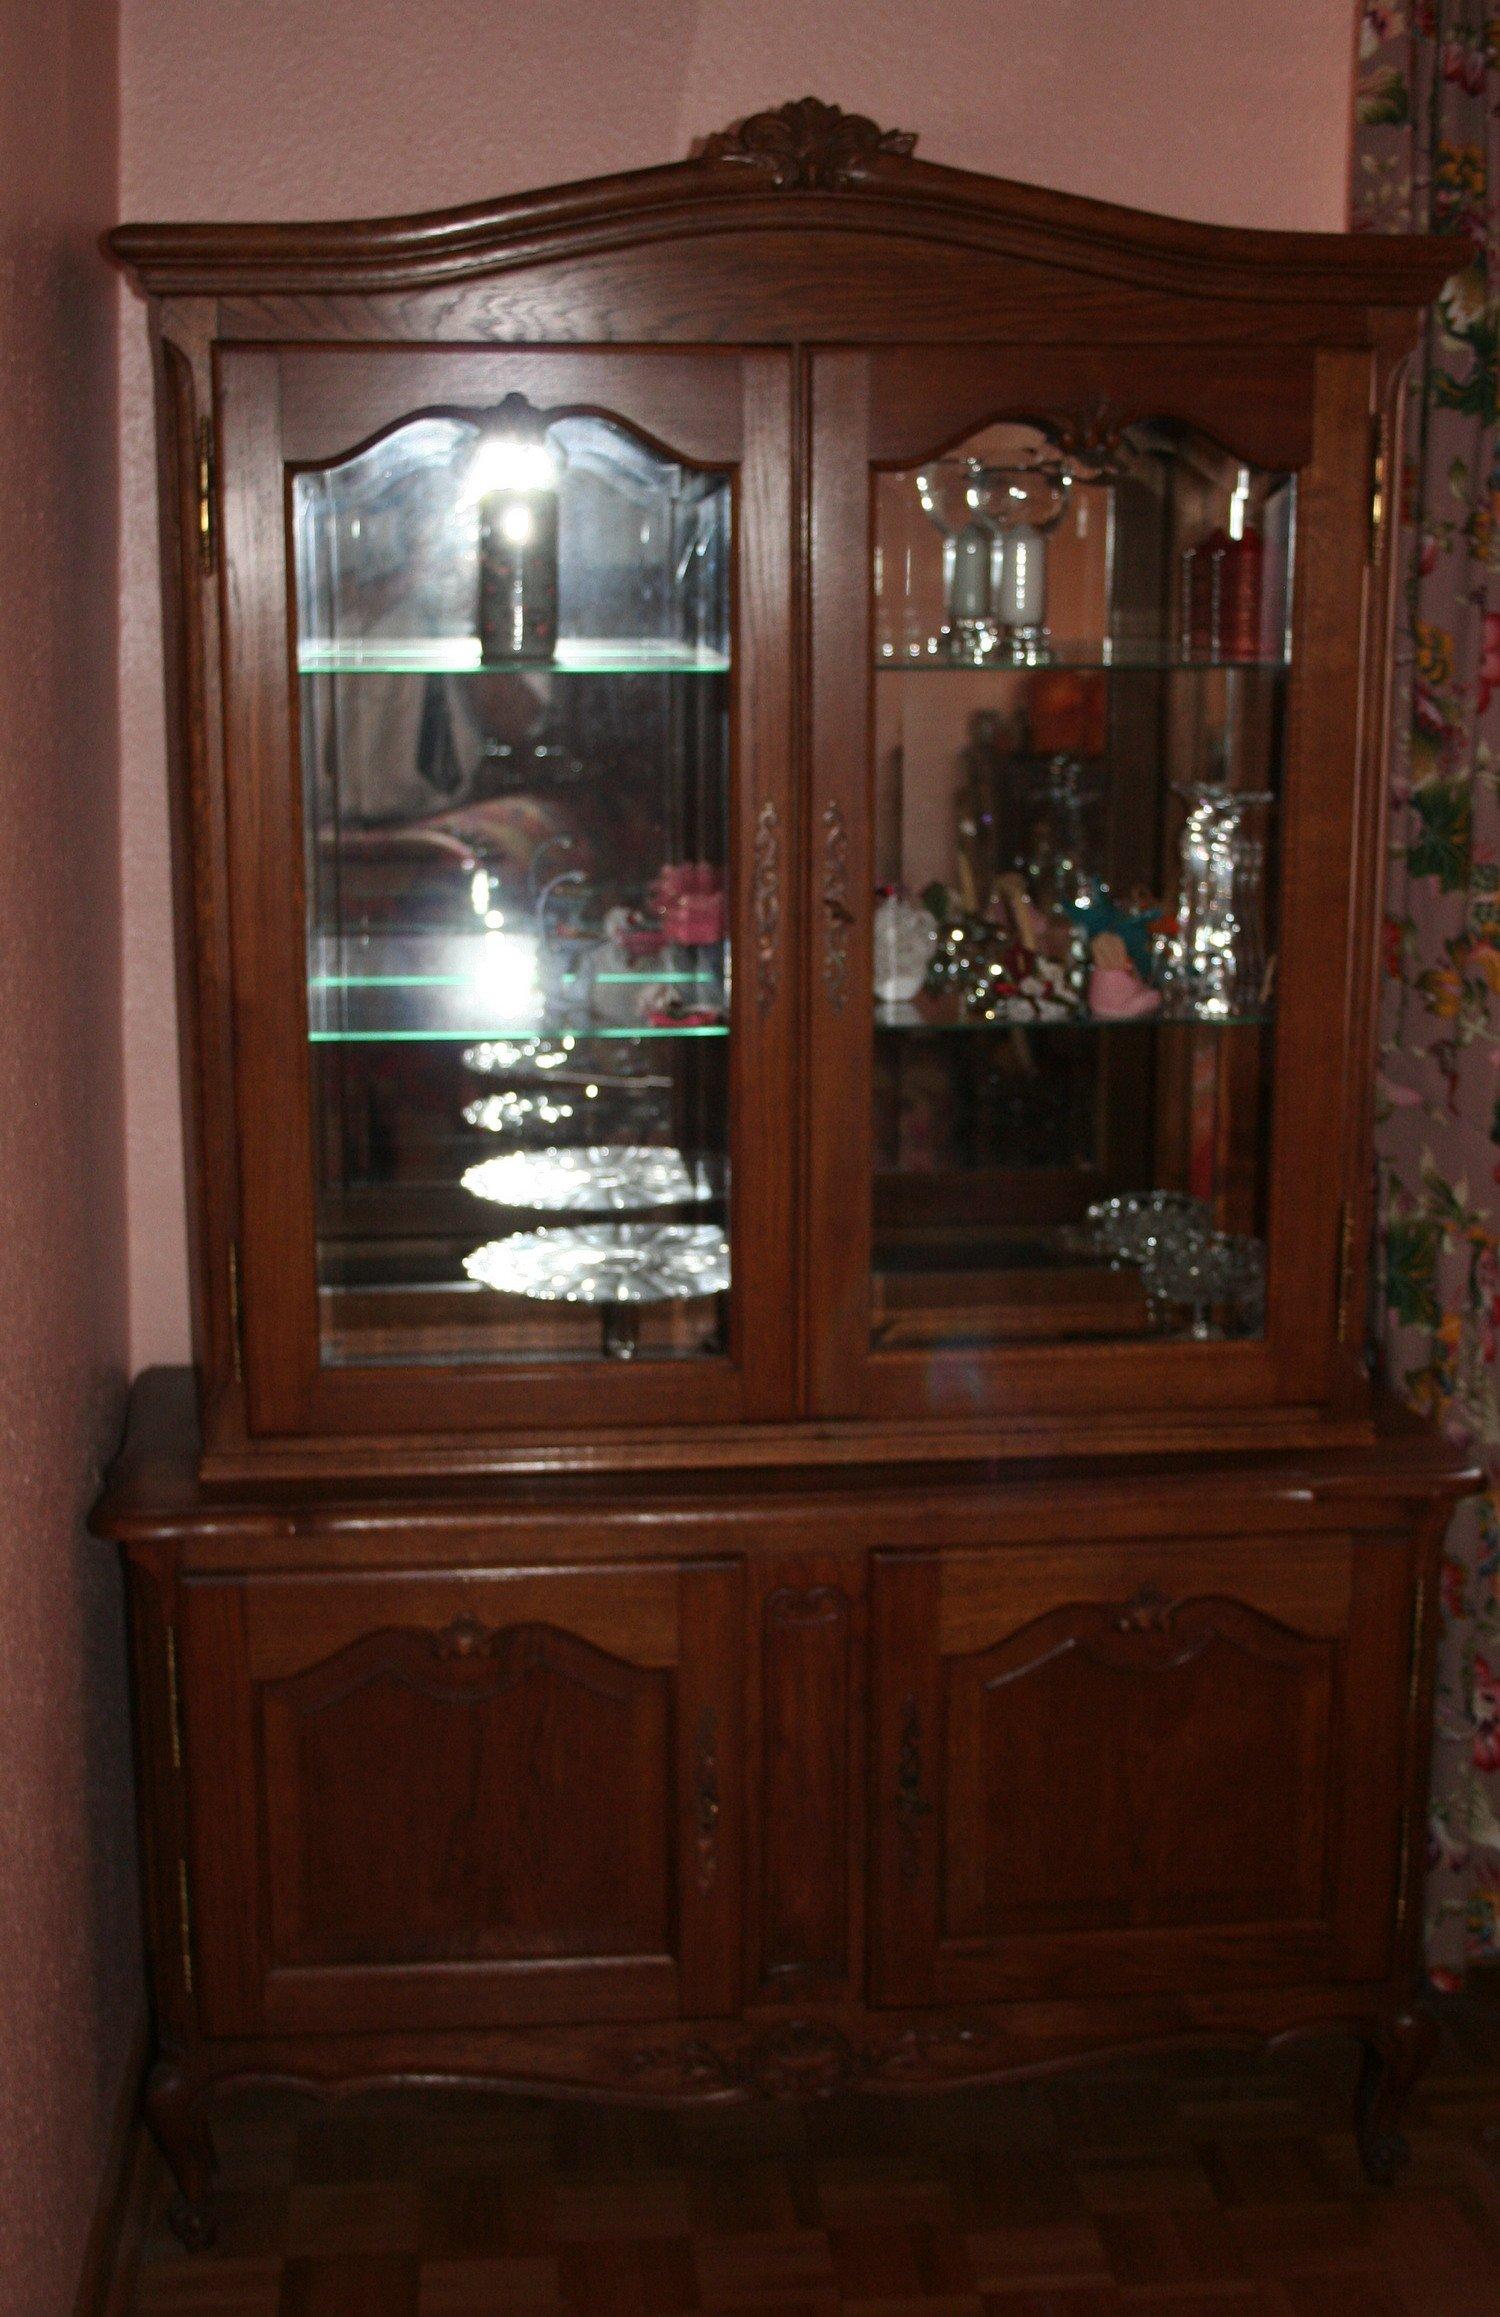 Vente de meubles vitrine en bois massif 12 - Model vitrine en bois ...